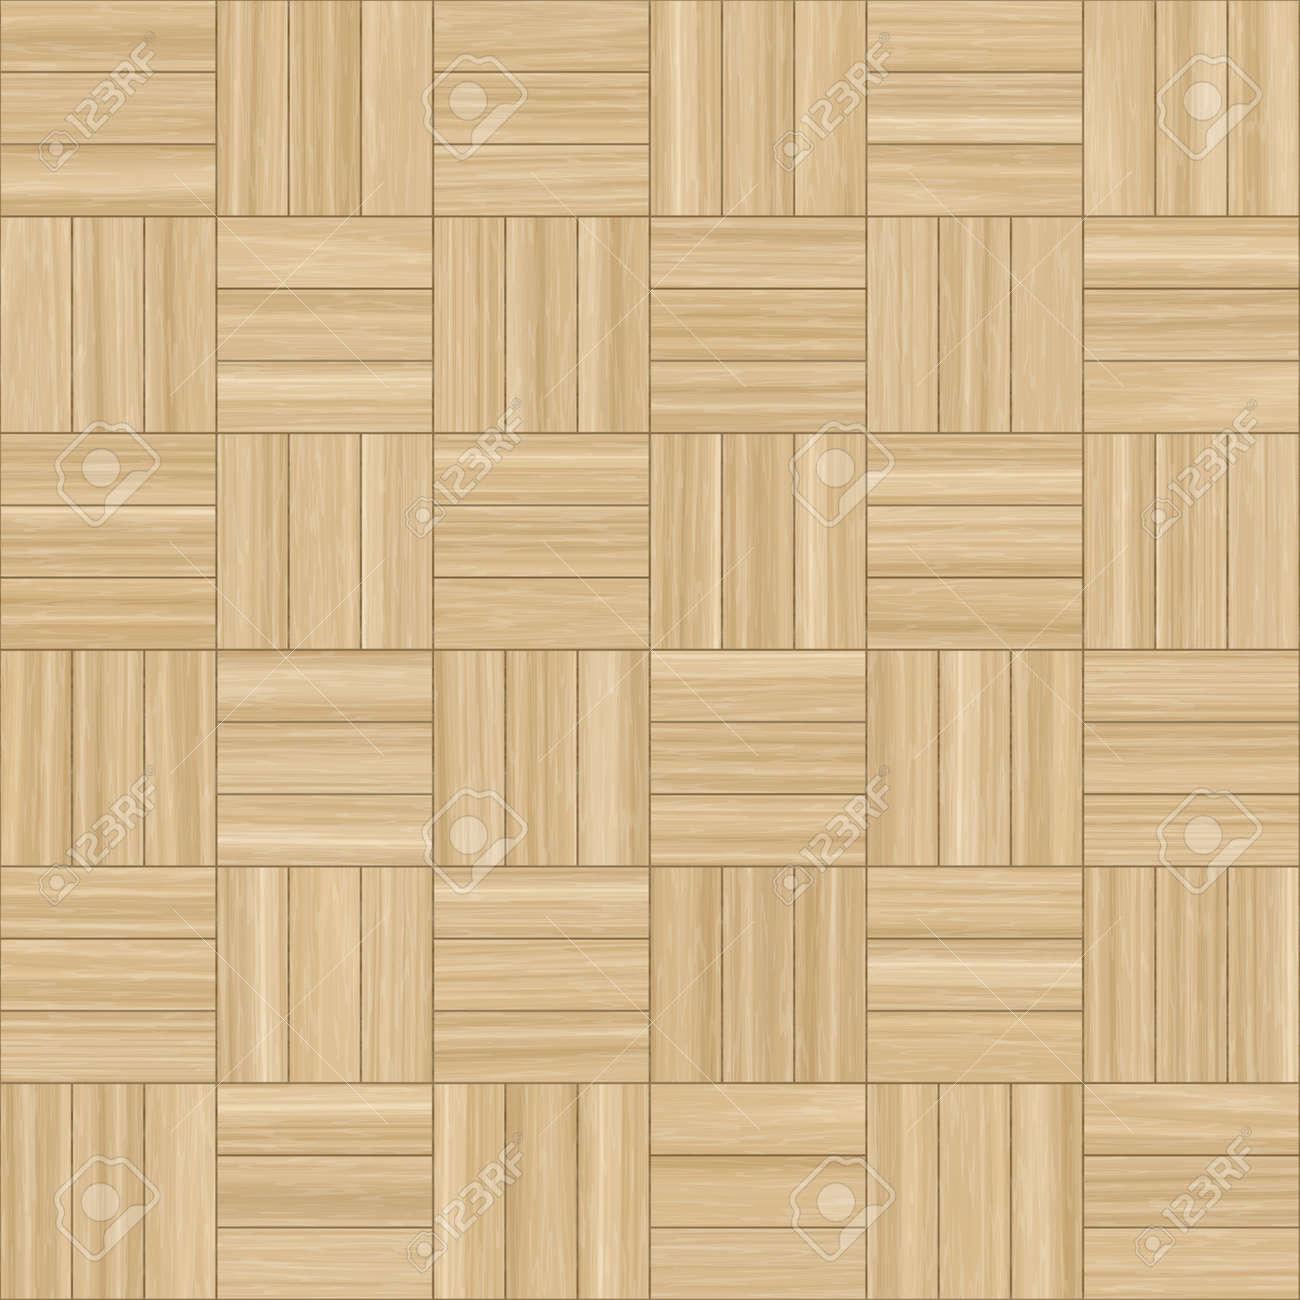 Wood Floor Texture Tile